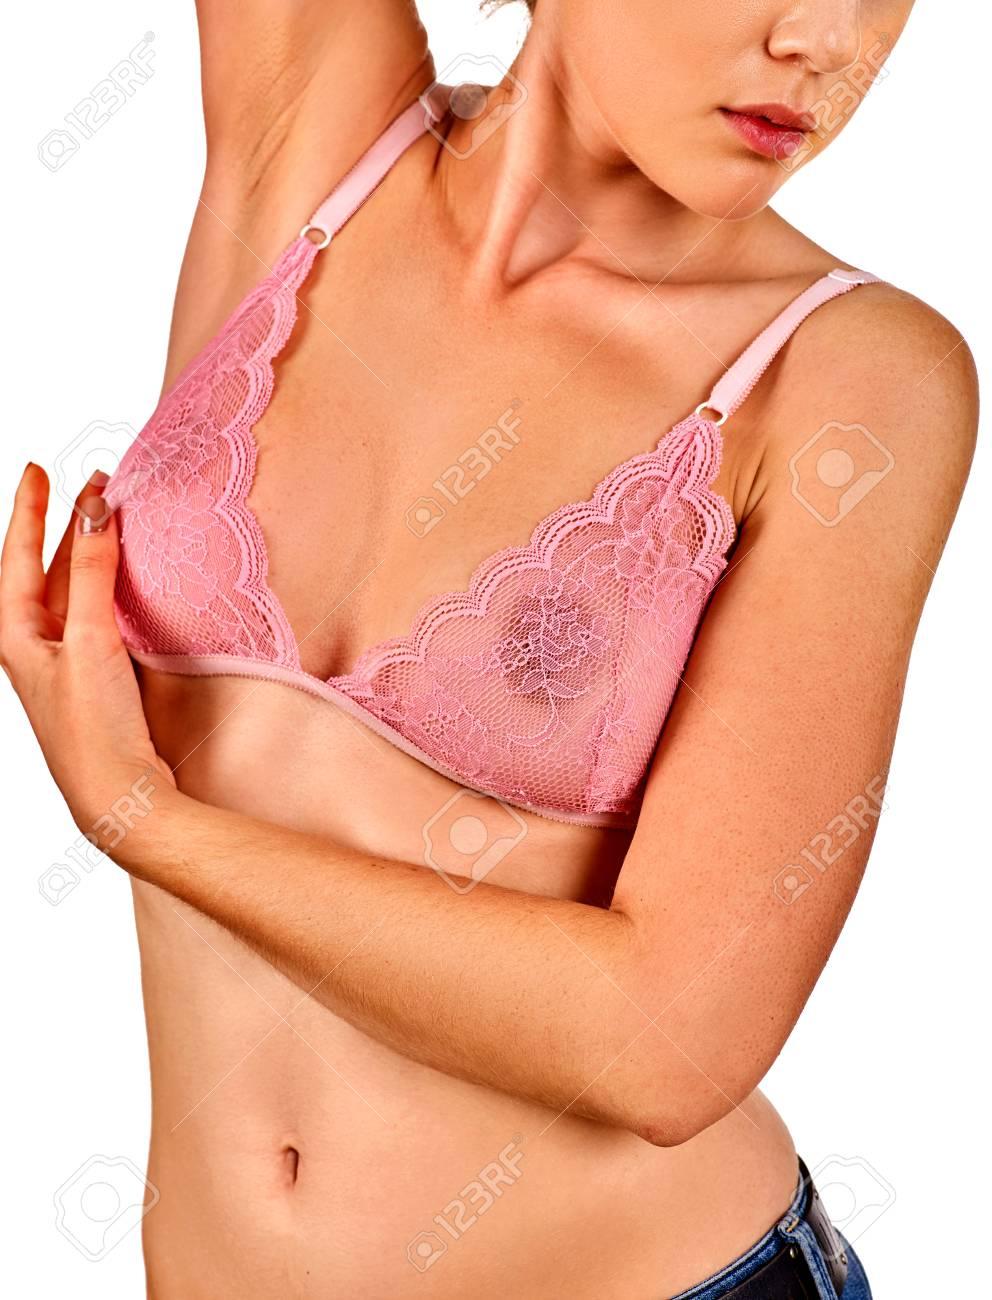 Adorable girl fuck porn